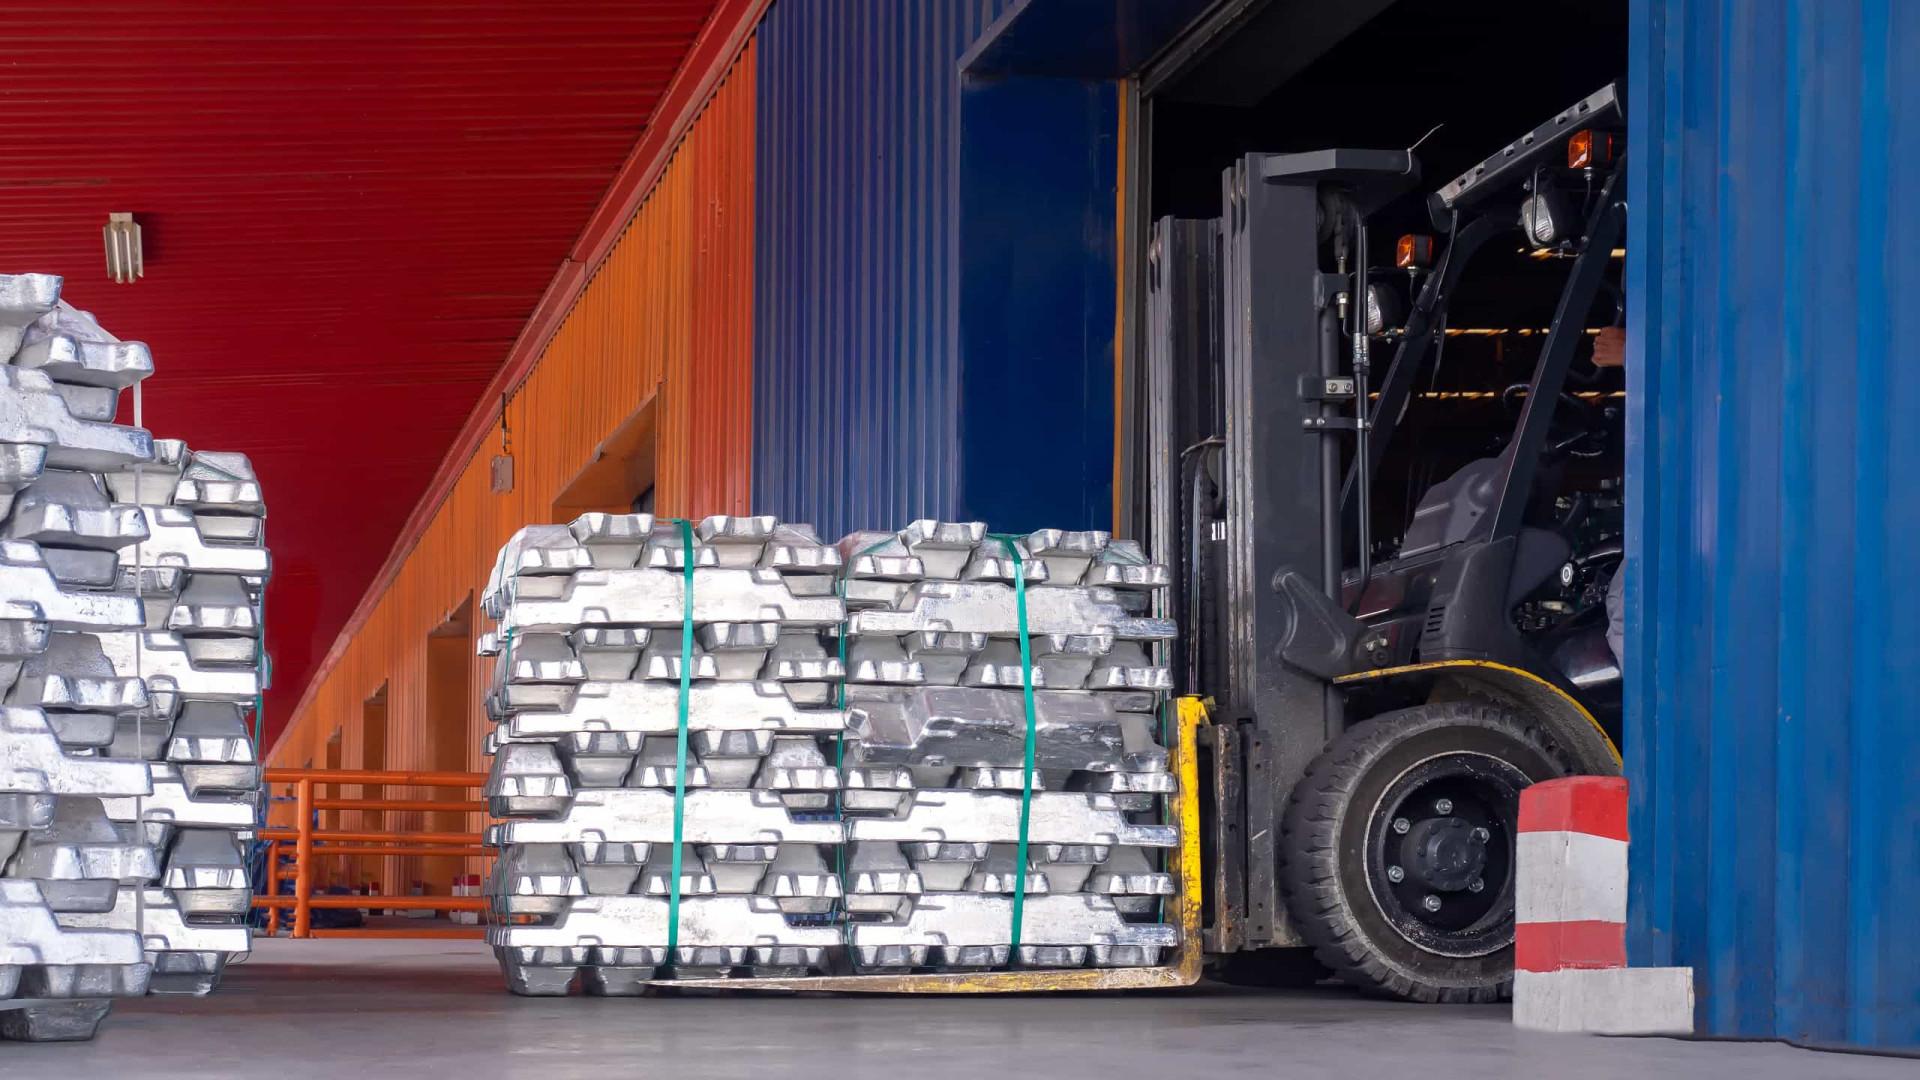 EUA impõem sobretaxa a alumínio do Brasil e mais 17 países